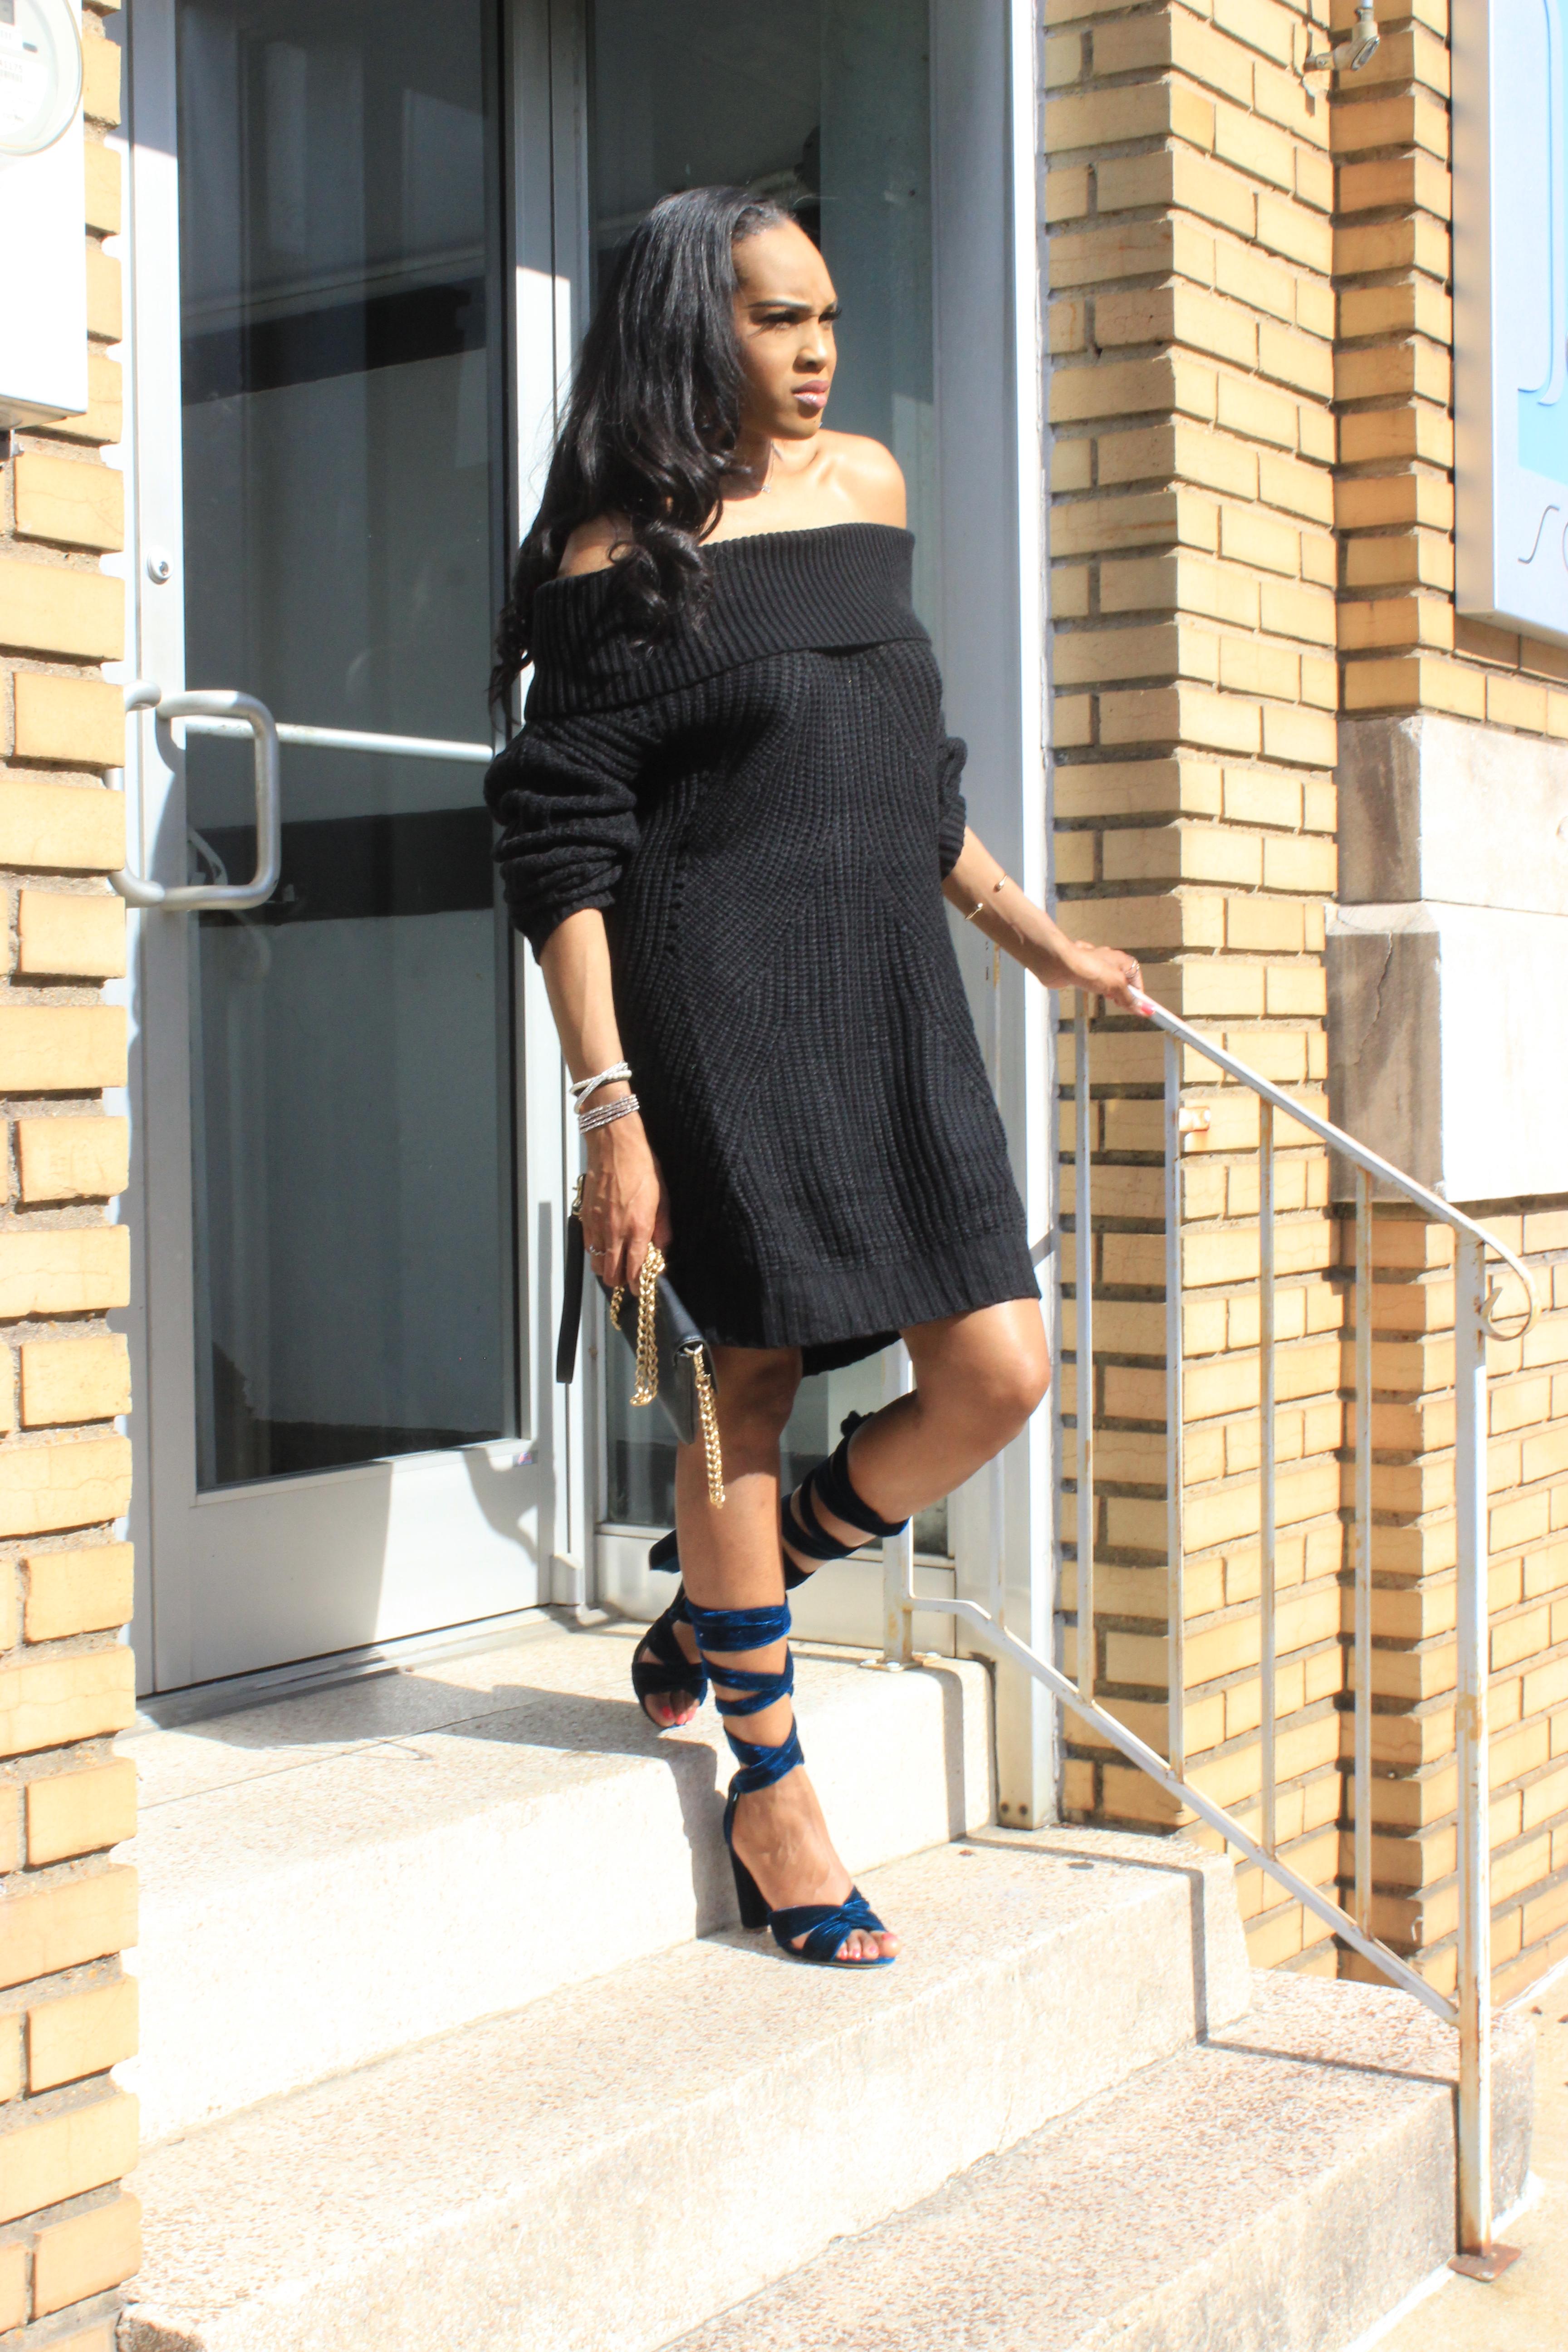 Style-Files-Tobi-nikki-black-off-the-shoulder-sweater-dress-justfab-blue-velvet-lace-up-sandals-justfab-teal-velvet-Acacia Heeled Sandals-oohlalablog-6